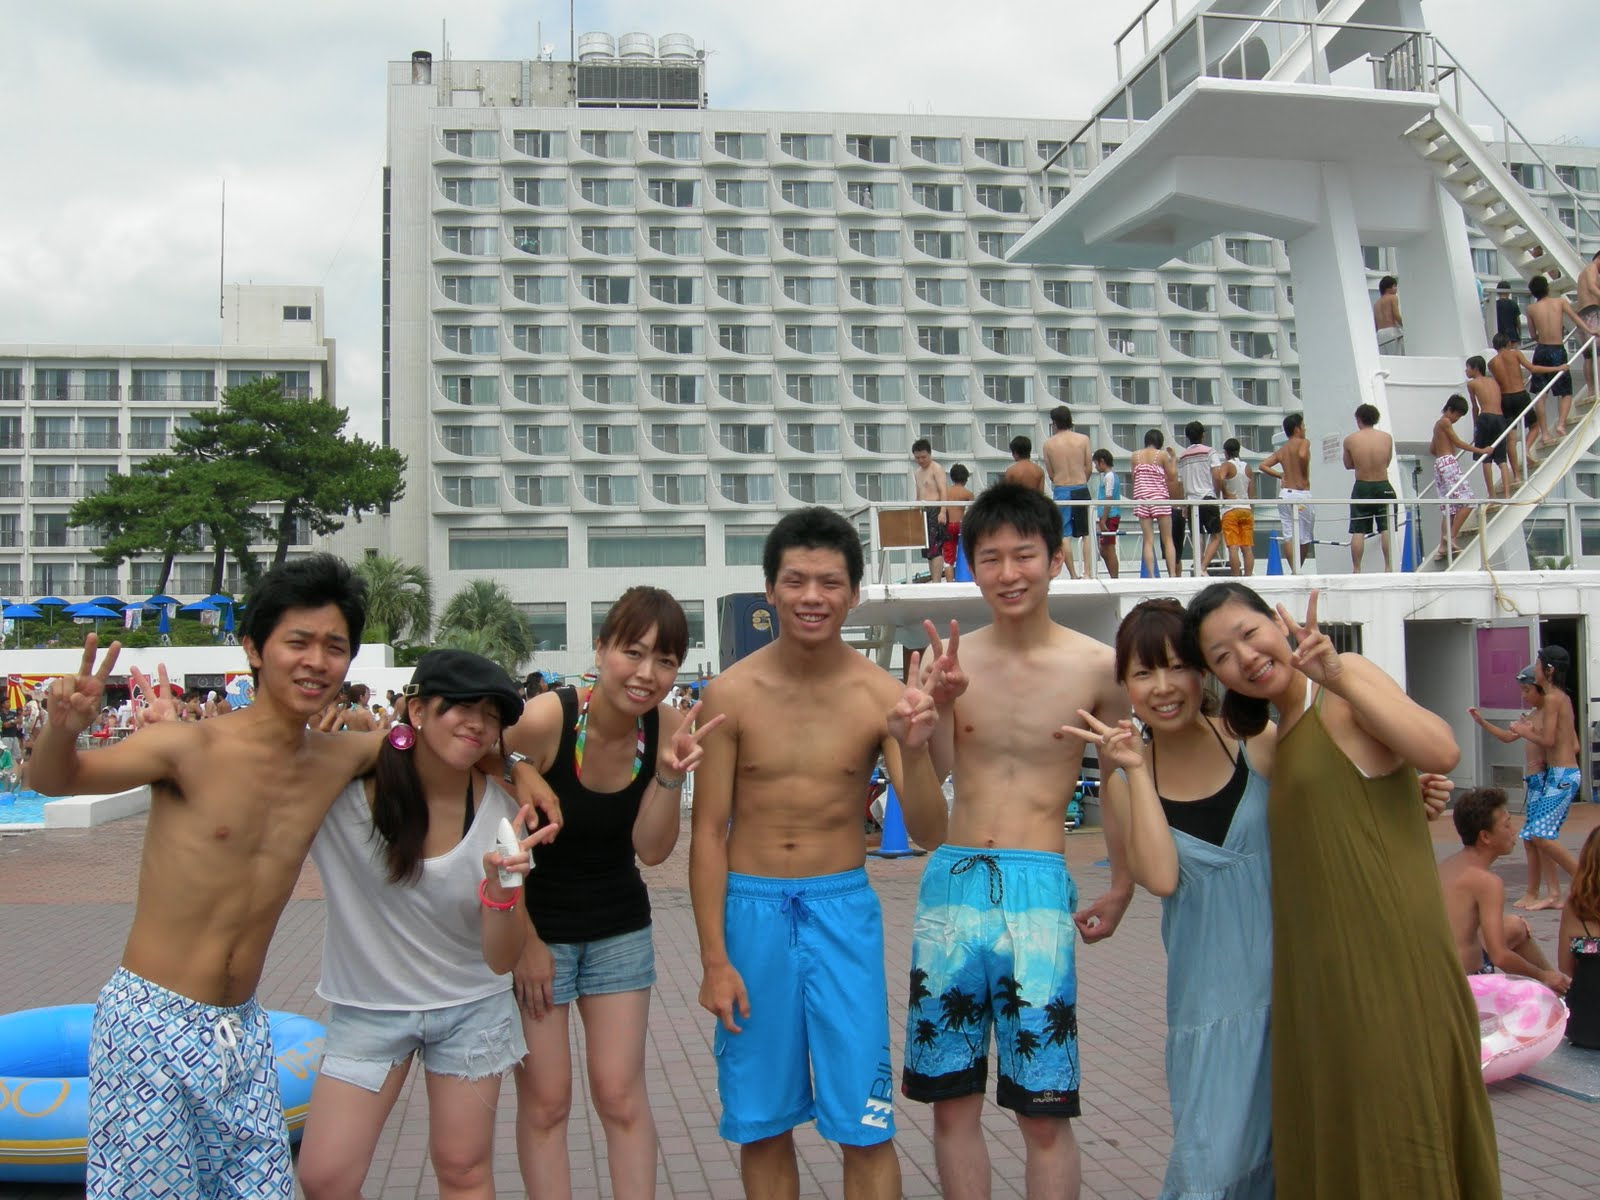 【裸】ノンケのバカ騒ぎ写真43【露出】YouTube動画>13本 ->画像>540枚